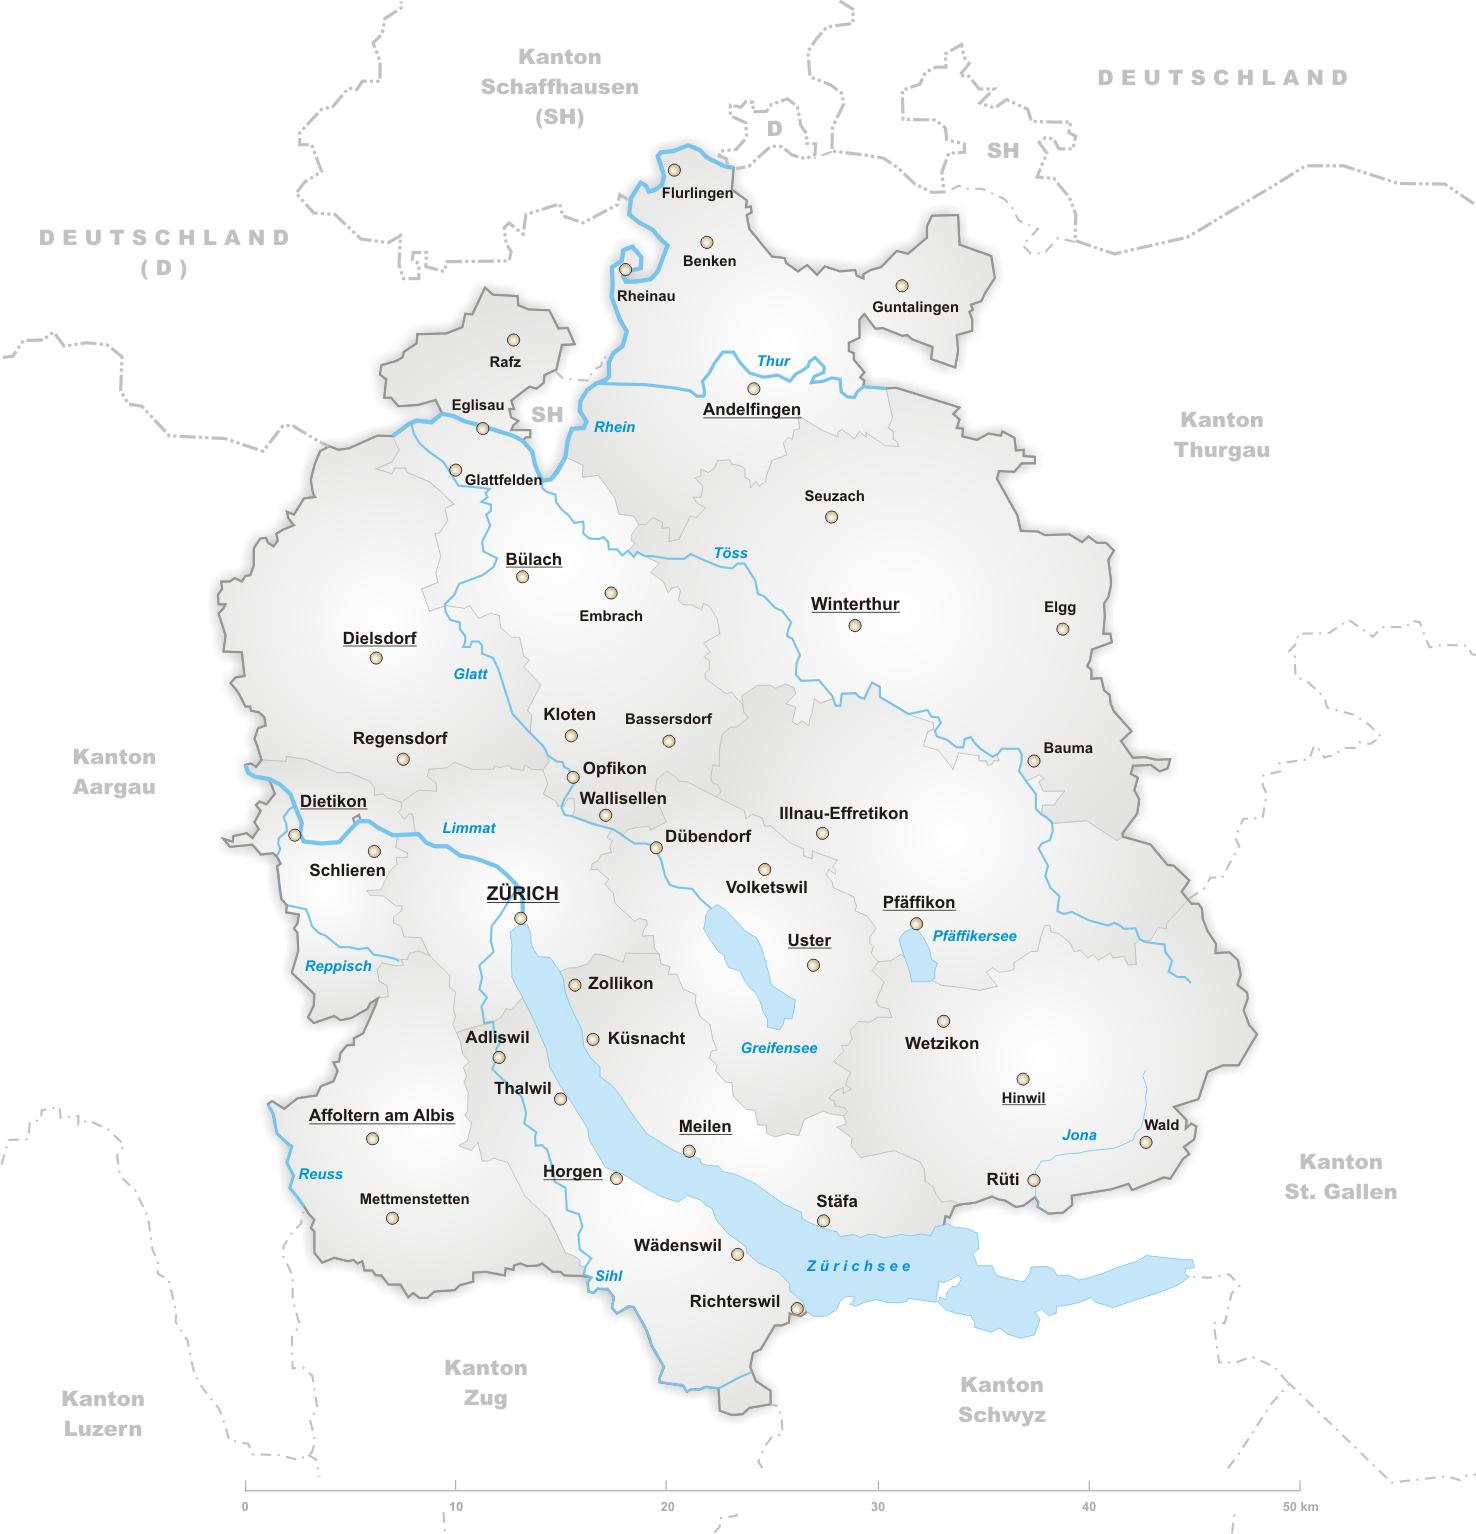 Кантон Цюрих, Швейцария - что посмотреть в окрестностях Цюриха, города и достопримечательности рядом с Цюрихом, путеводитель по Цюриху и Швейцарии